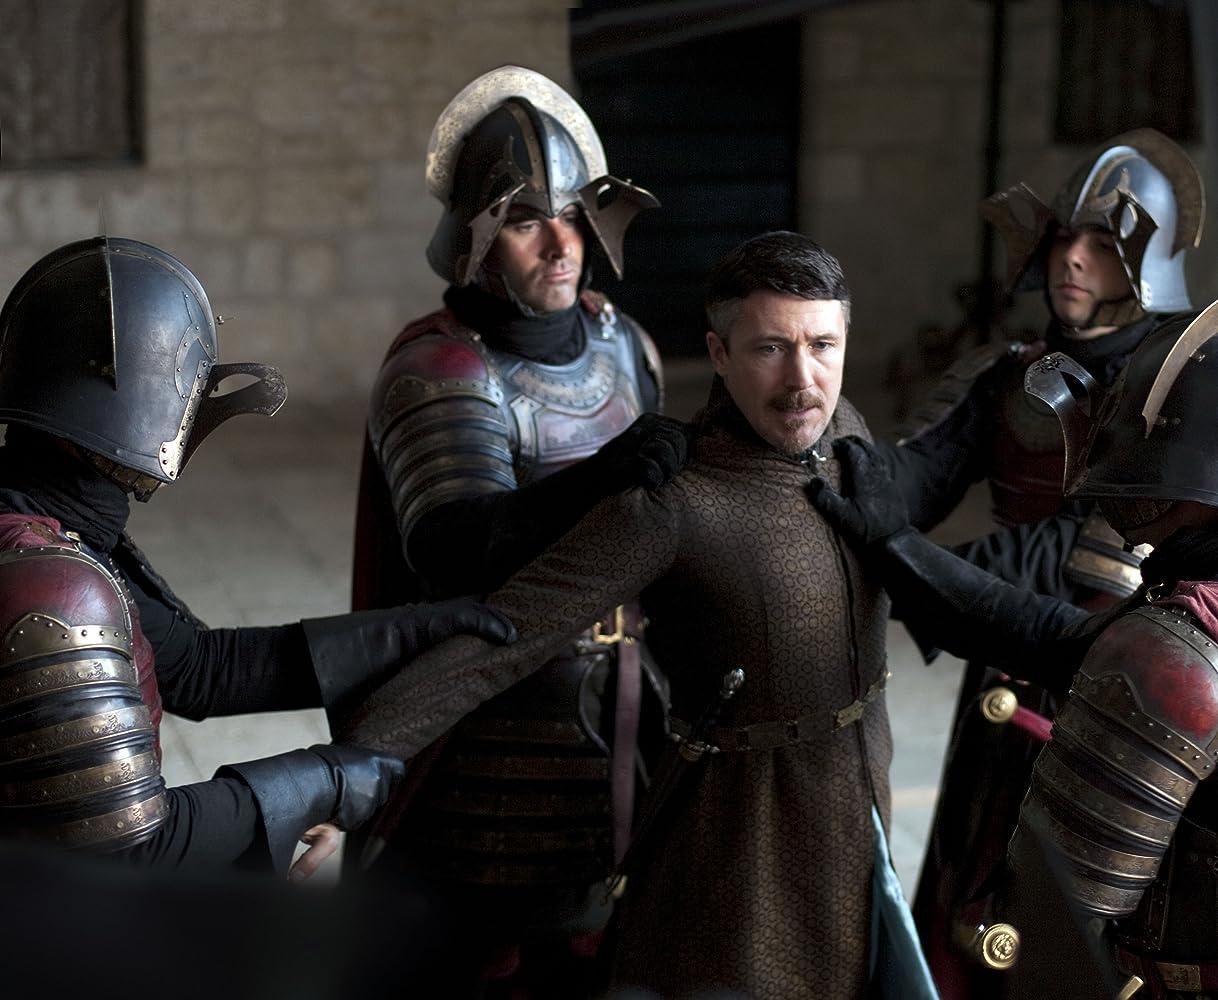 Aidan Gillen in Game of Thrones (2011)